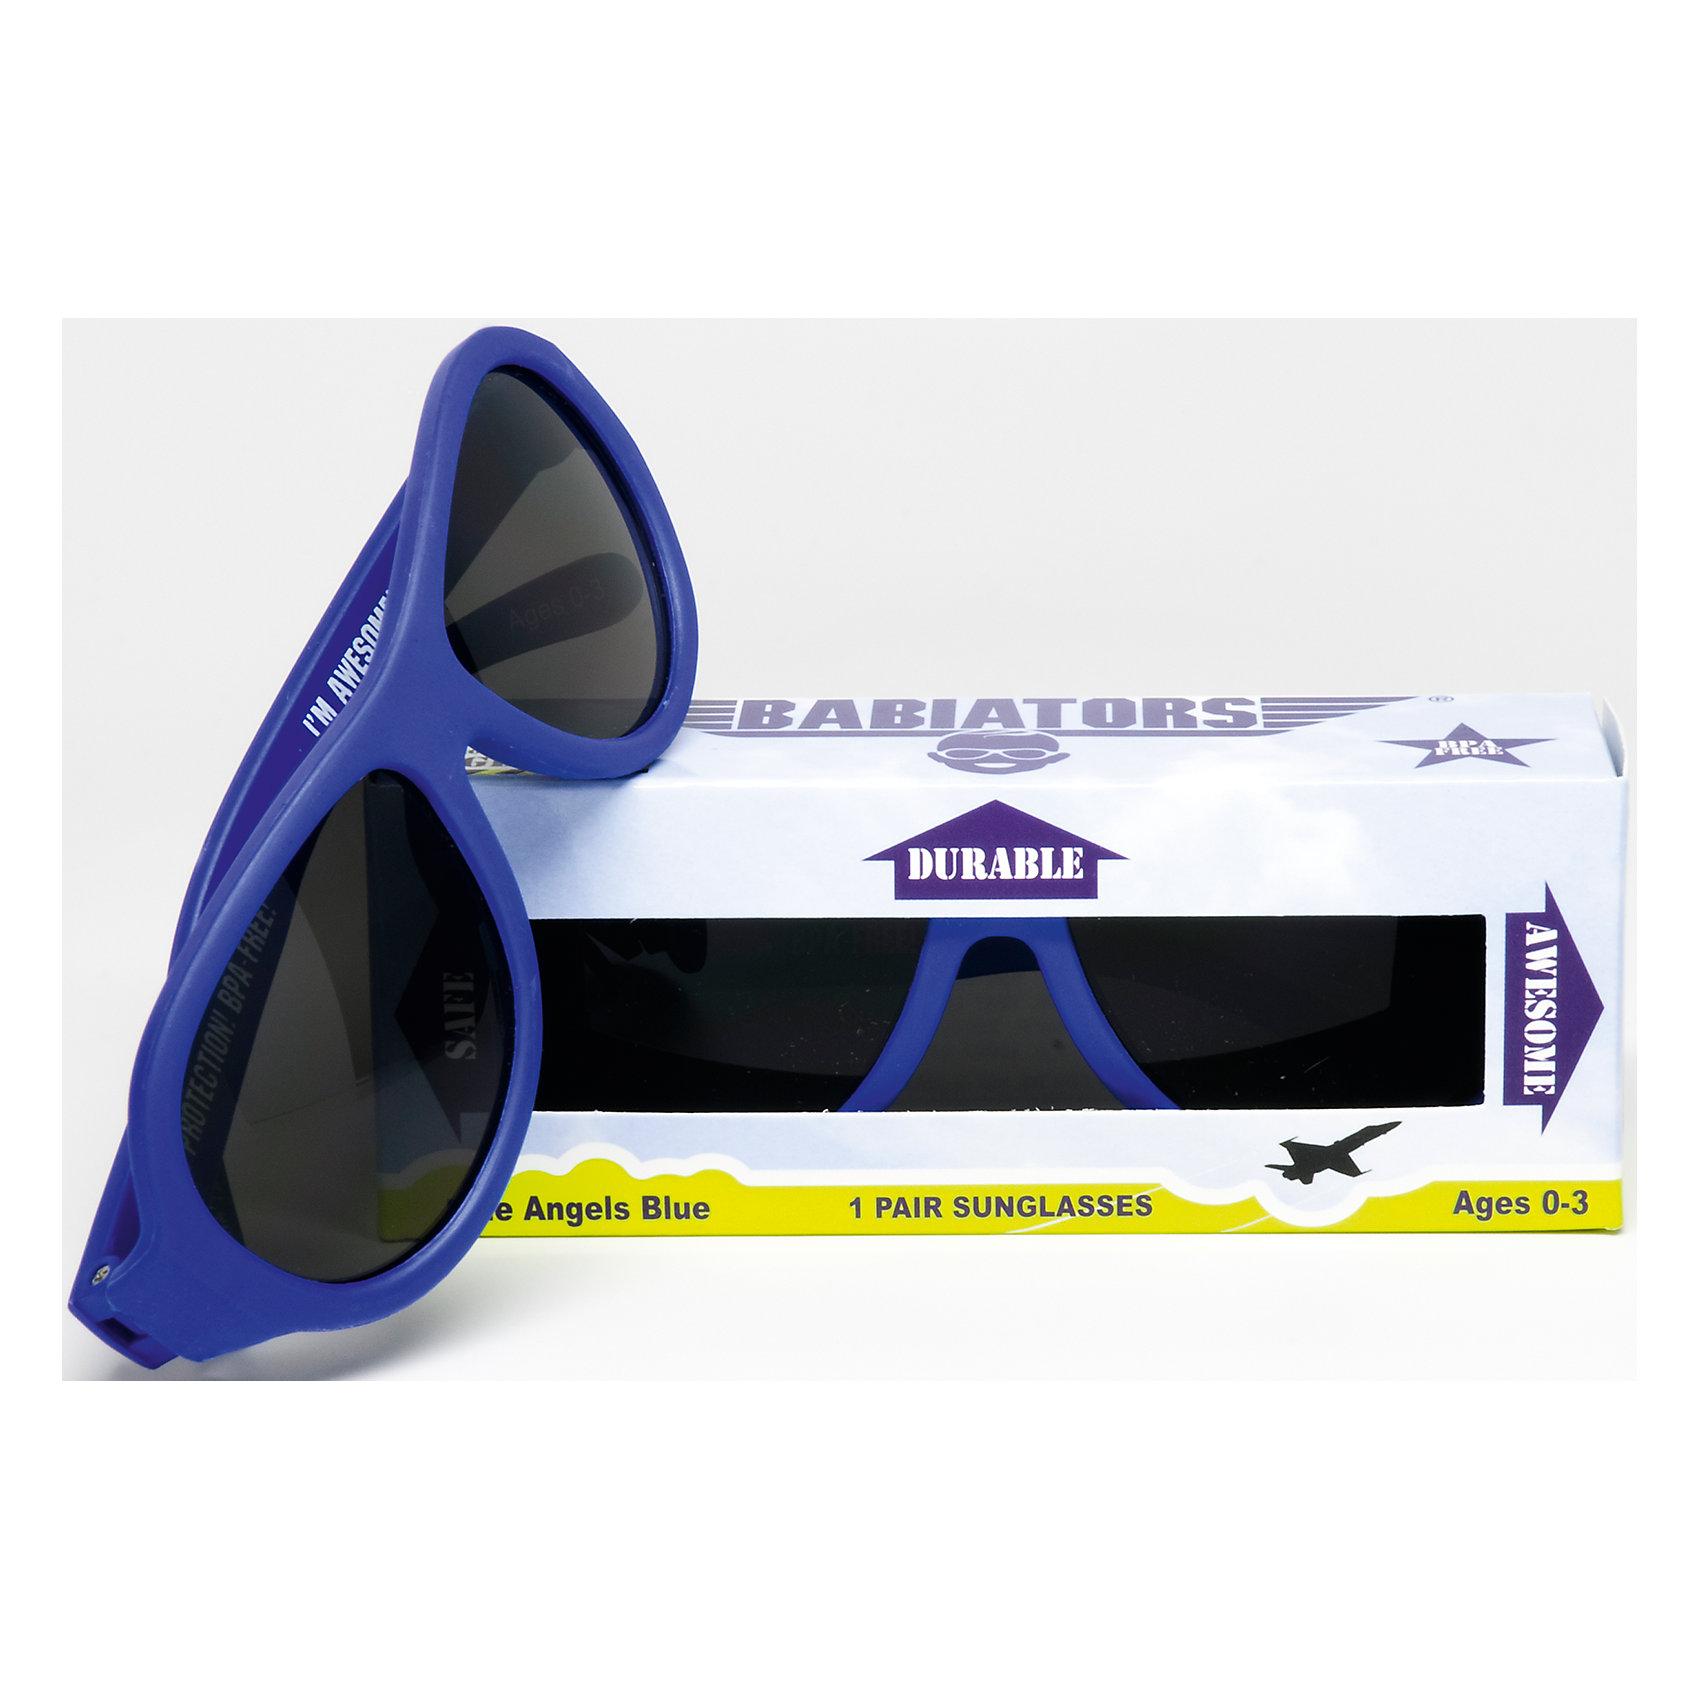 Солнцезащитные очки Babiators OriginalАксессуары<br>Защита глаз всегда в моде.<br>Вы делаете все возможное, чтобы ваши дети были здоровы и в безопасности. Шлемы для езды на велосипеде, солнцезащитный крем для прогулок на солнце. Но как насчёт влияния солнца на глазах вашего ребёнка? Правда в том, что сетчатка глаза у детей развивается вместе с самим ребёнком. Это означает, что глаза малышей не могут отфильтровать УФ-излучение. Добавьте к этому тот факт, что дети за год получают трёхкратную дозу солнечного воздействия на взрослого человека (доклад Vision Council Report 2013, США). Проблема понятна - детям нужна настоящая защита, чтобы глазка были в безопасности, а зрение сильным.<br>Каждая пара солнцезащитных очков Babiators для детей обеспечивает 100% защиту от UVA и UVB. Прочные линзы высшего качества не подведут в самых сложных переделках. Будьте уверены, что очки Babiators созданы безопасными, прочными и классными, так что вы и ваш маленький лётчик можете приступать к своим приключениям!<br><br>• Прочная, гибкая прорезиненная оправа;<br>• 100 % защита от UVA и UVB солнечных лучей;<br>• Ударопрочные линзы;<br>• Стильные: выбор многих голливудских звёзд.<br><br>Ширина мм: 170<br>Глубина мм: 157<br>Высота мм: 67<br>Вес г: 117<br>Возраст от месяцев: 36<br>Возраст до месяцев: 84<br>Пол: Унисекс<br>Возраст: Детский<br>SKU: 4766956